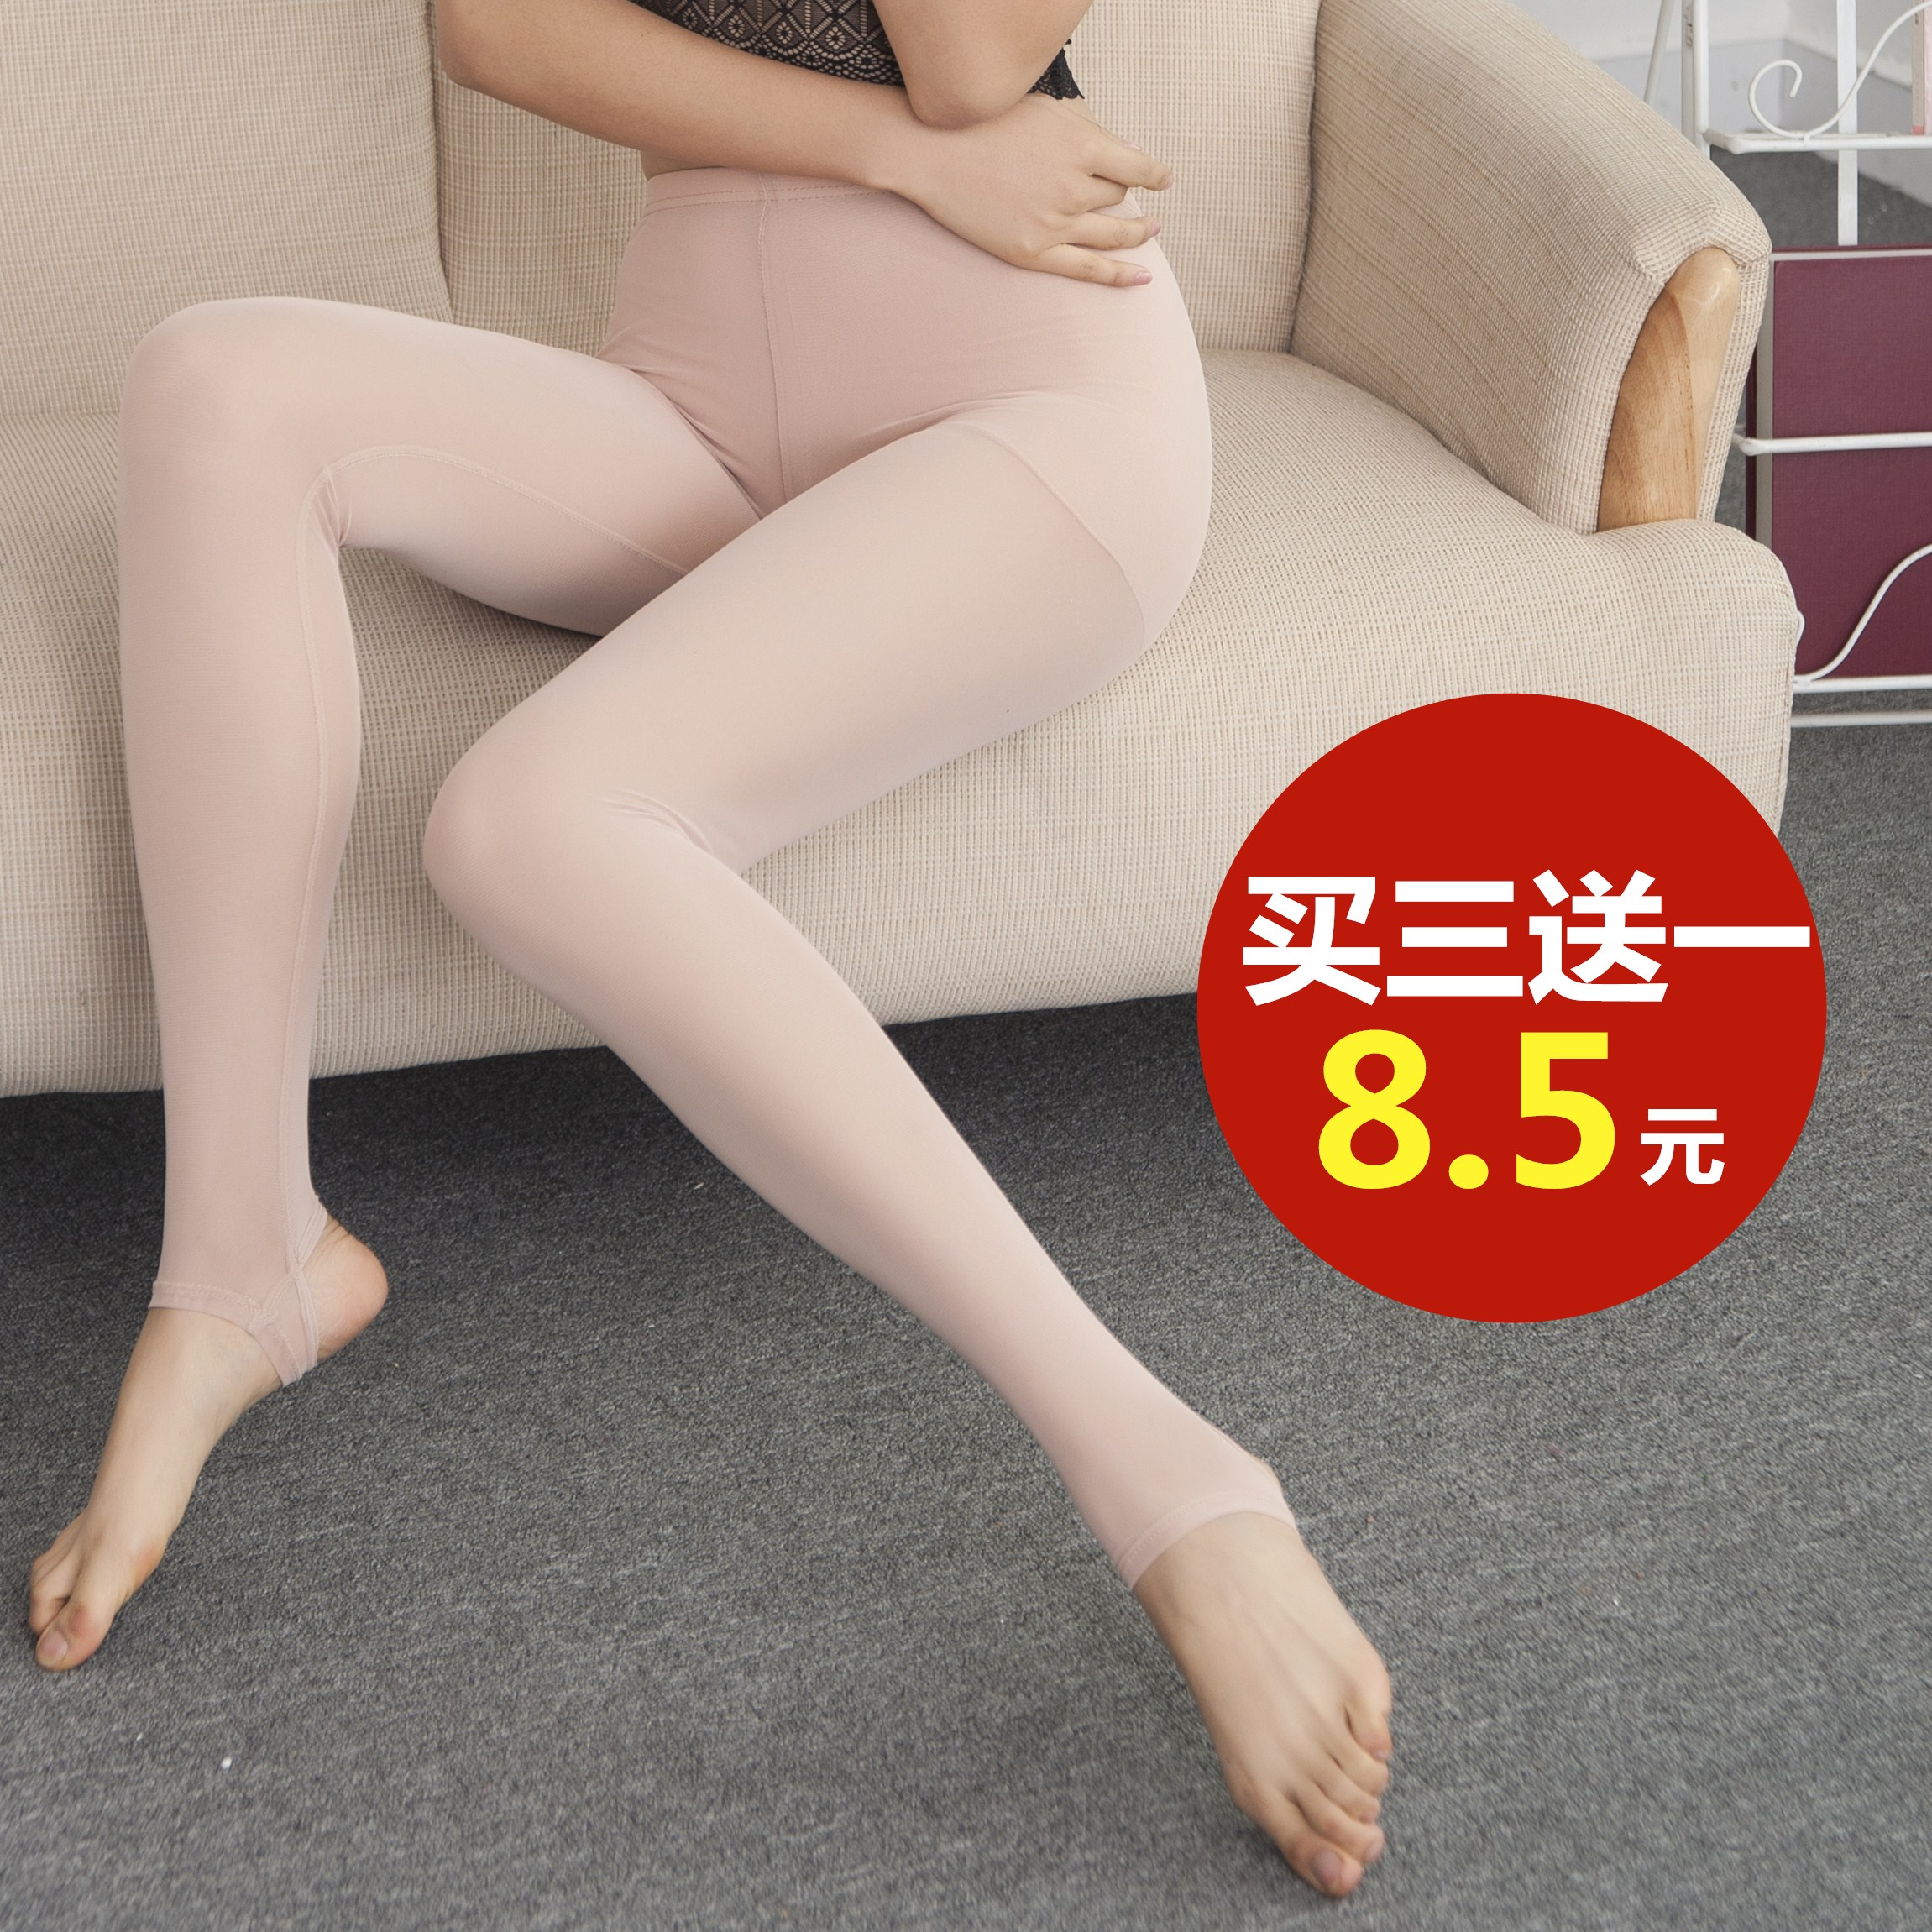 Mùa hè lưới xà cạp của phụ nữ kích thước lớn phần mỏng chất béo MM bước chân chín quần chống móc dây lưới nhỏ vớ lụa thủy triều